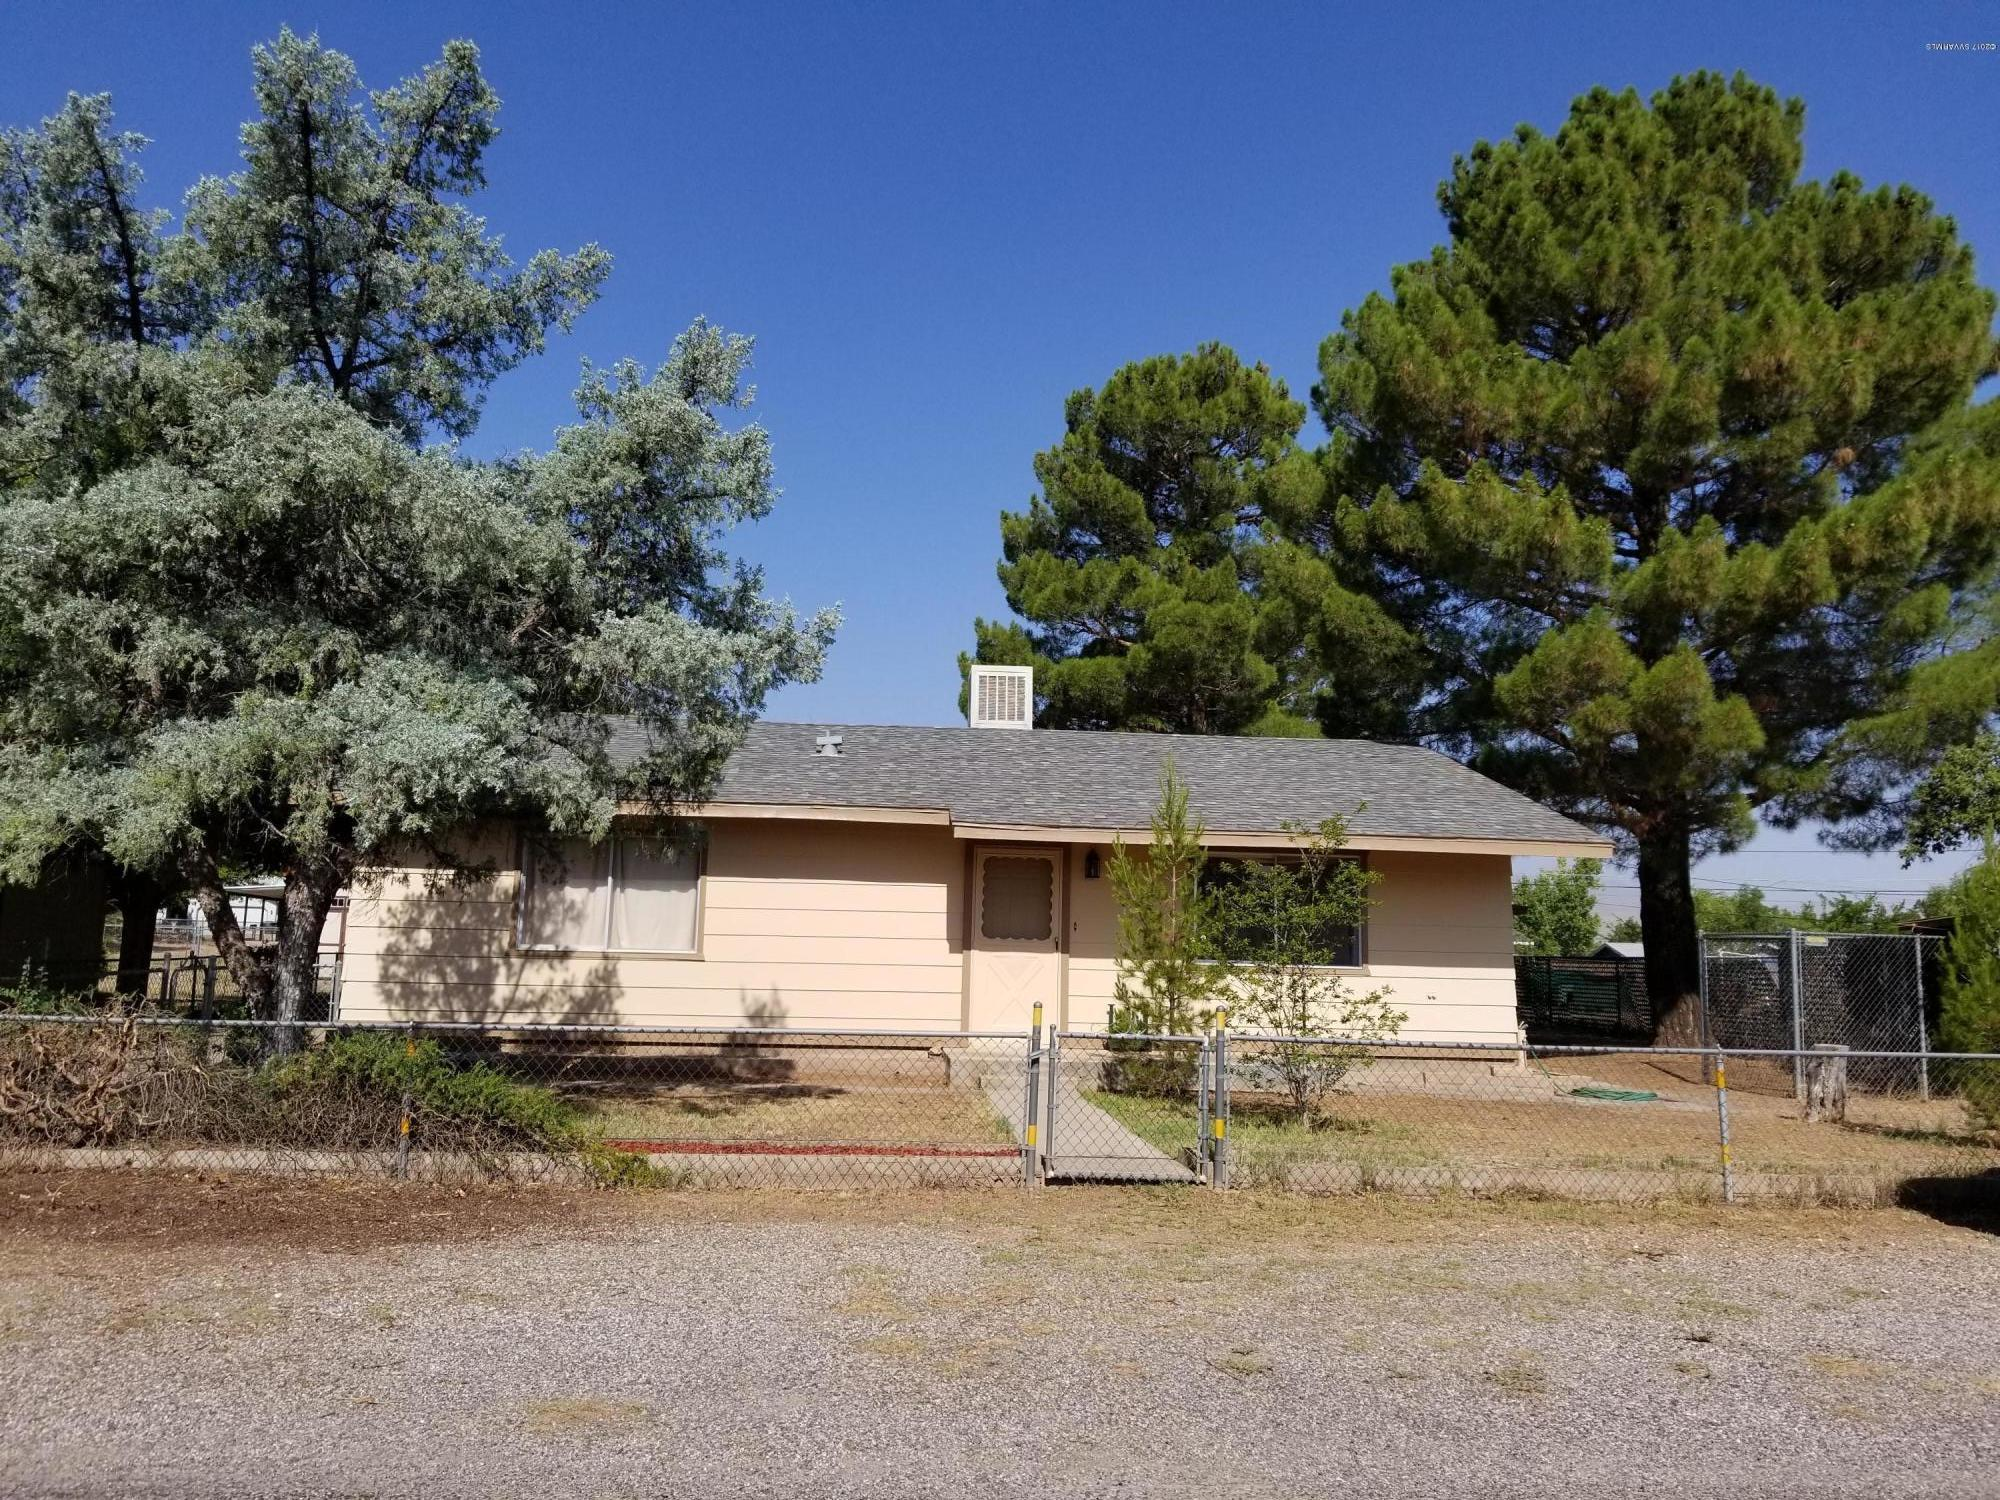 930 S 5TH St Cottonwood, AZ 86326